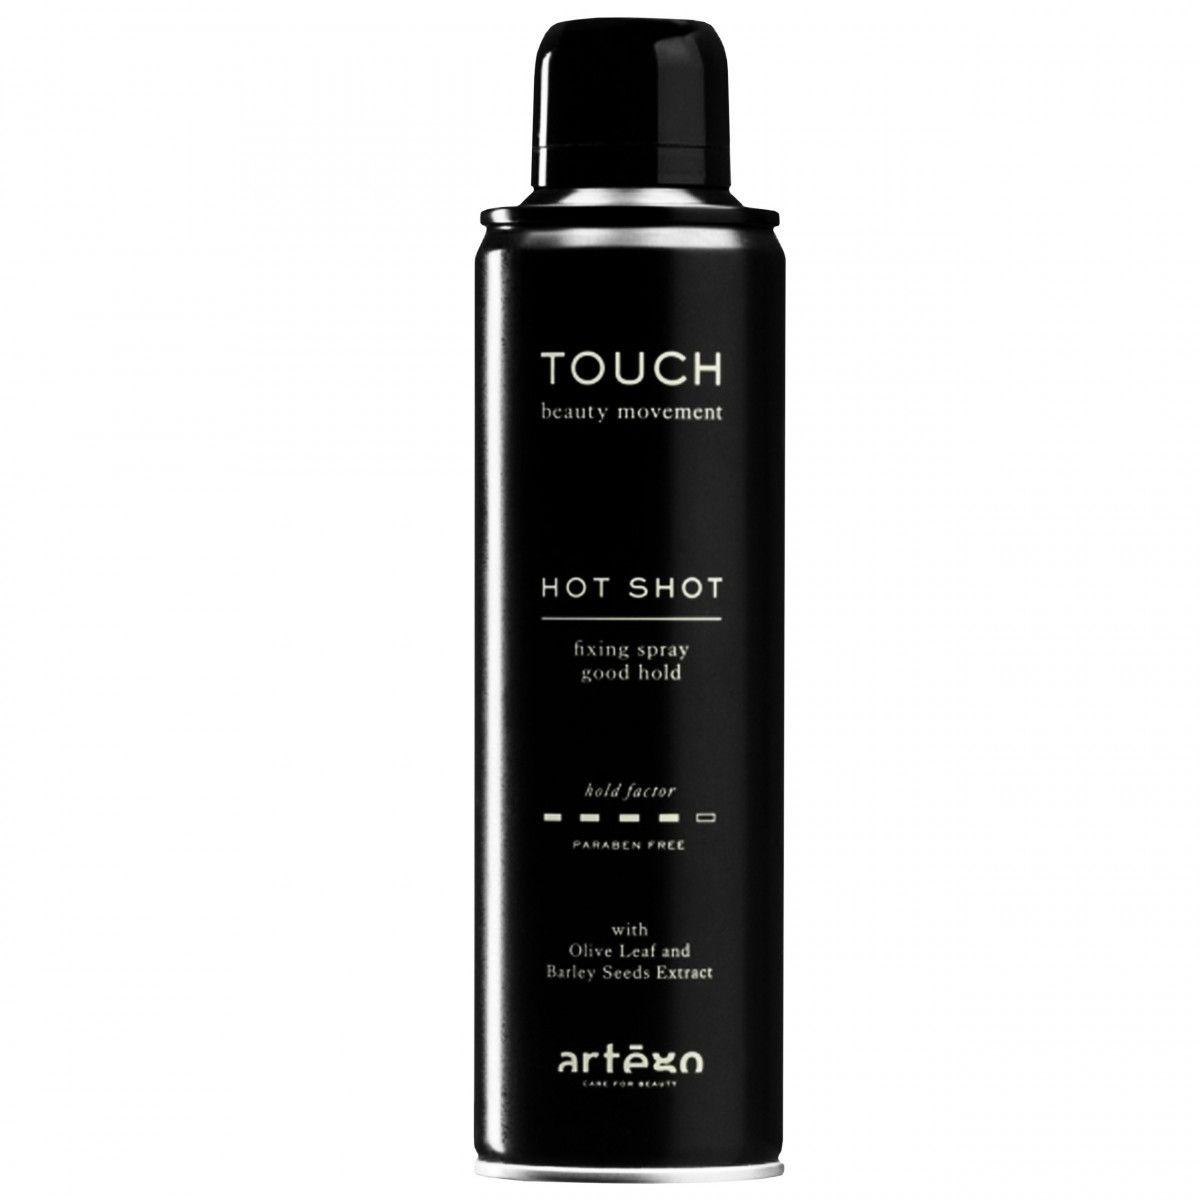 Artego Touch Hot Shot, lakier mocno utrwalający bez obciążania włosów 500ml